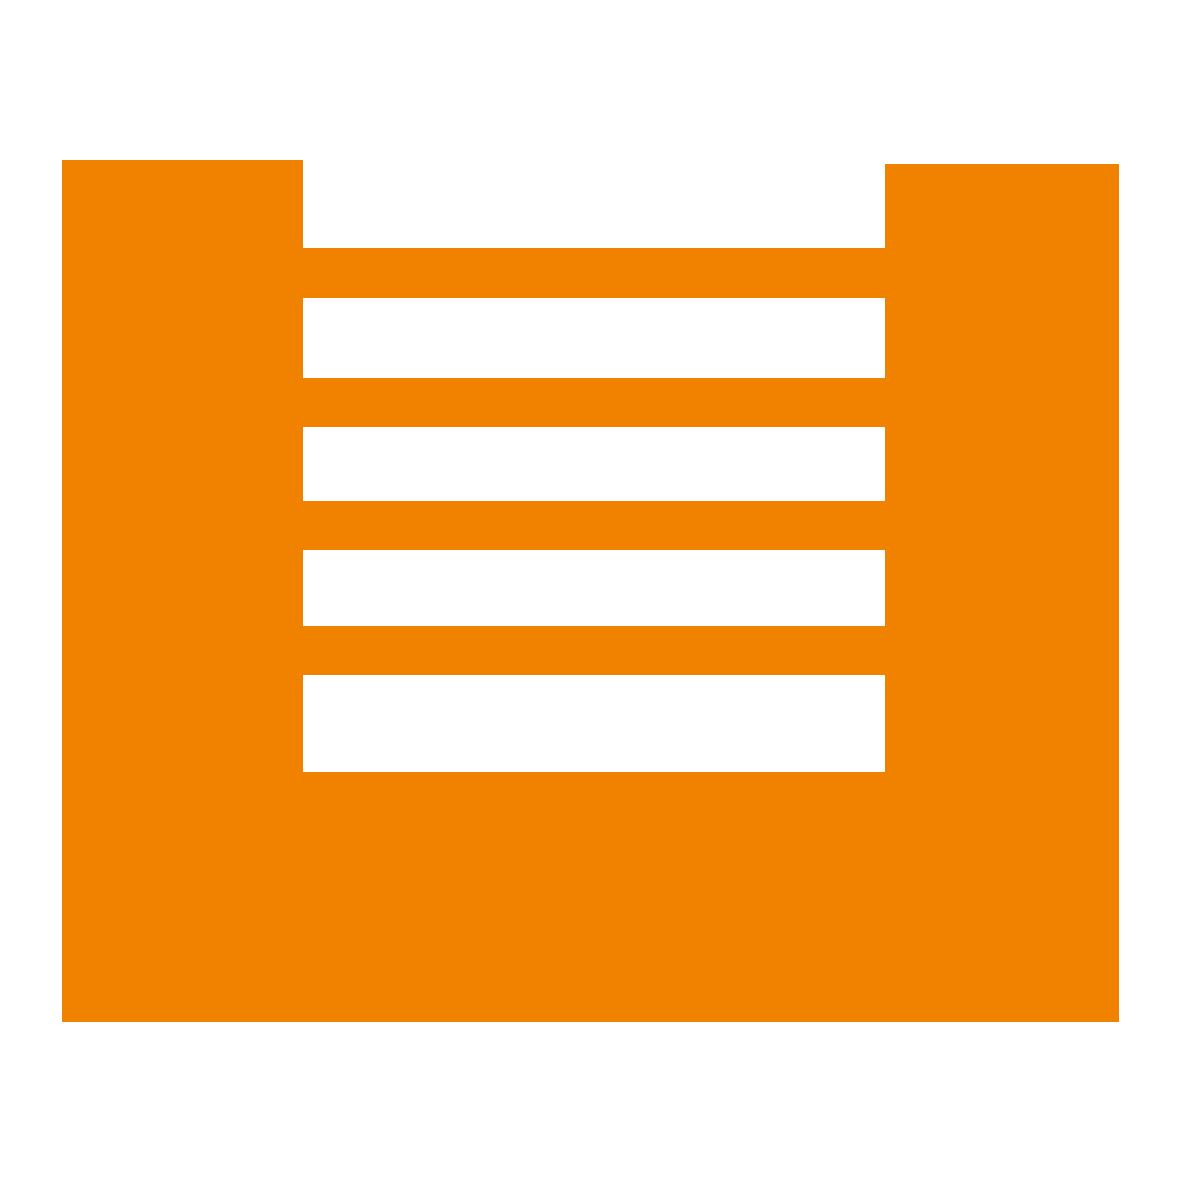 e世博app_E世博下载APP_e世博手机版首页图标-05